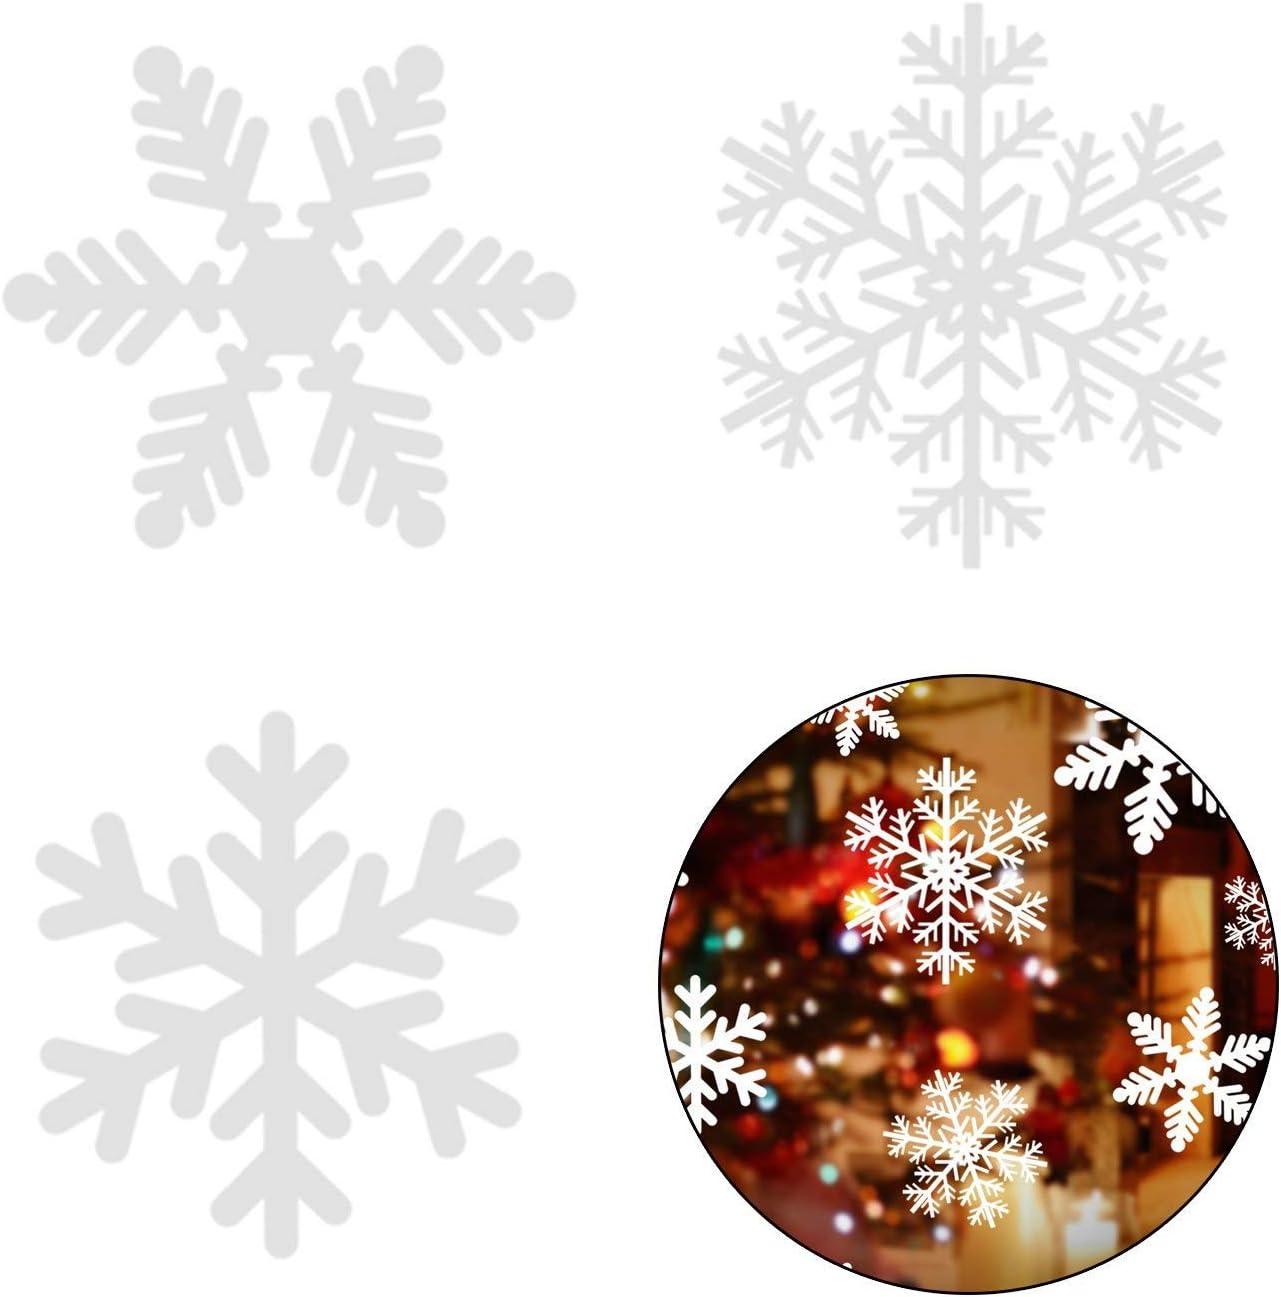 stickers vitres noel,autocollant noel fenetre,no/ël mural autocollant d/écoration,Sticker No/ël pour Fen/être Vitrine Vitre,No/ël Magasin Fen/être D/écoration Stickers A22